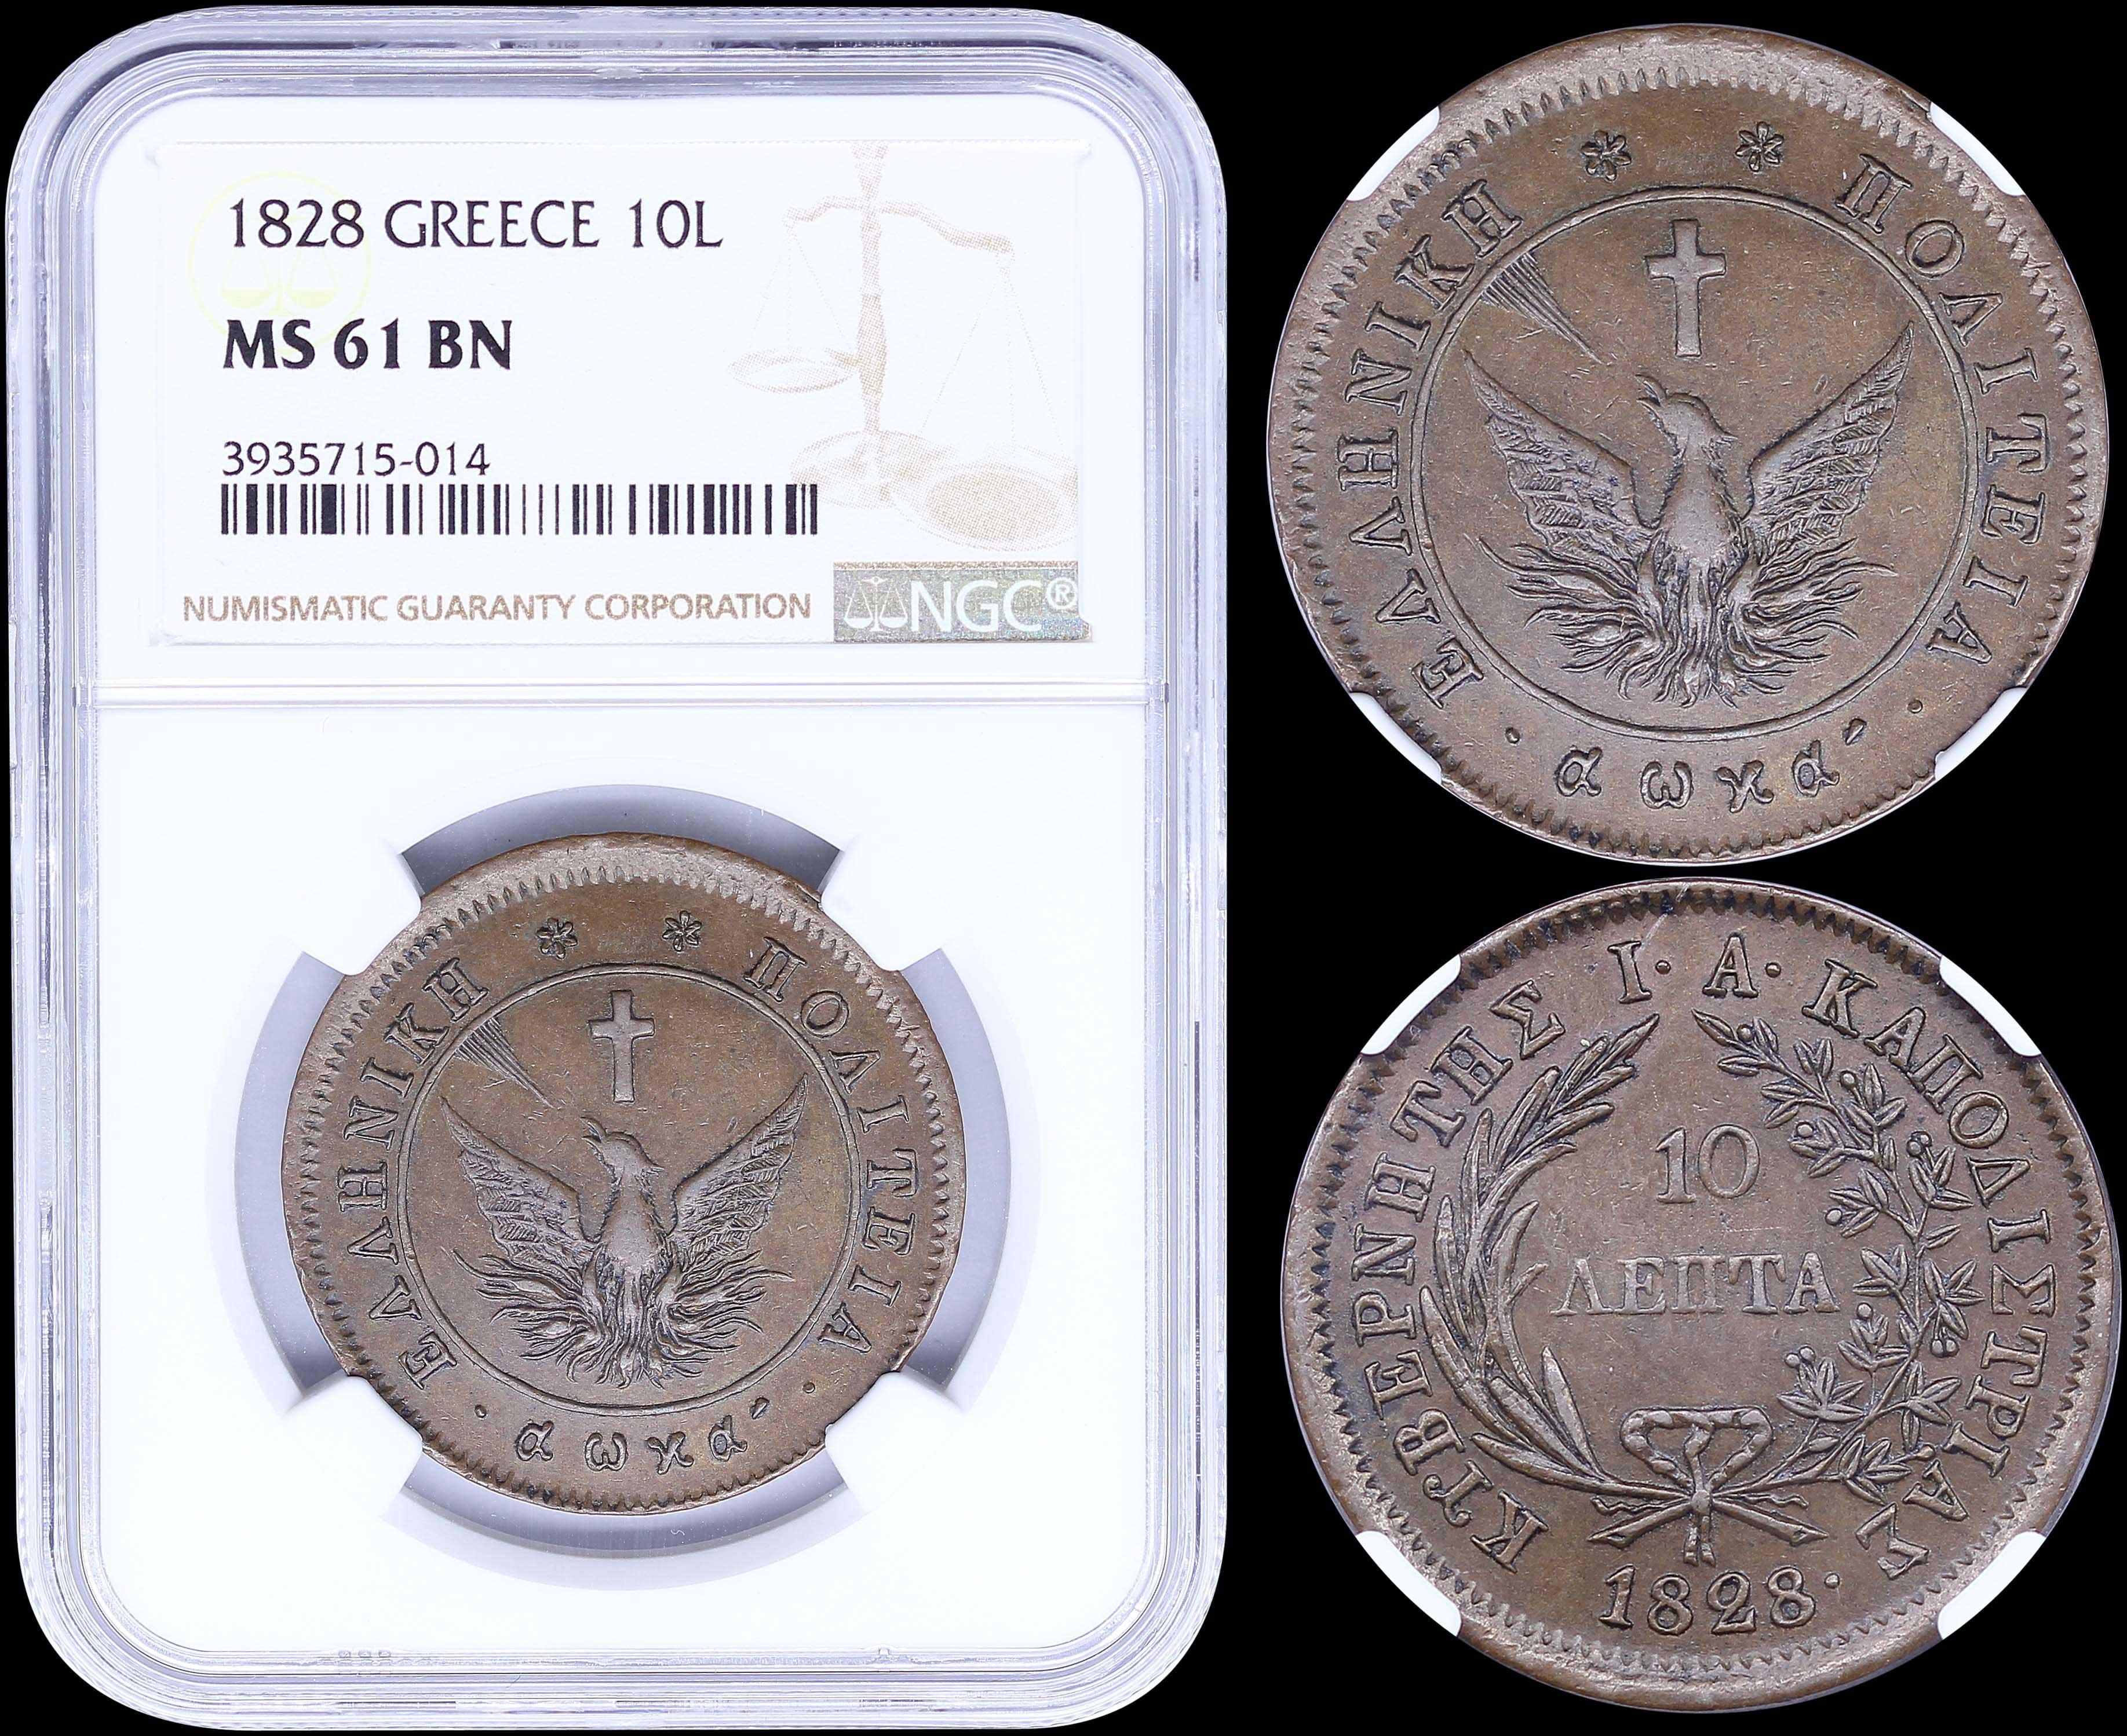 Lot 6015 - -  COINS & TOKENS governor capodistrias -  A. Karamitsos Public & Live Internet Auction 671 (Part A)